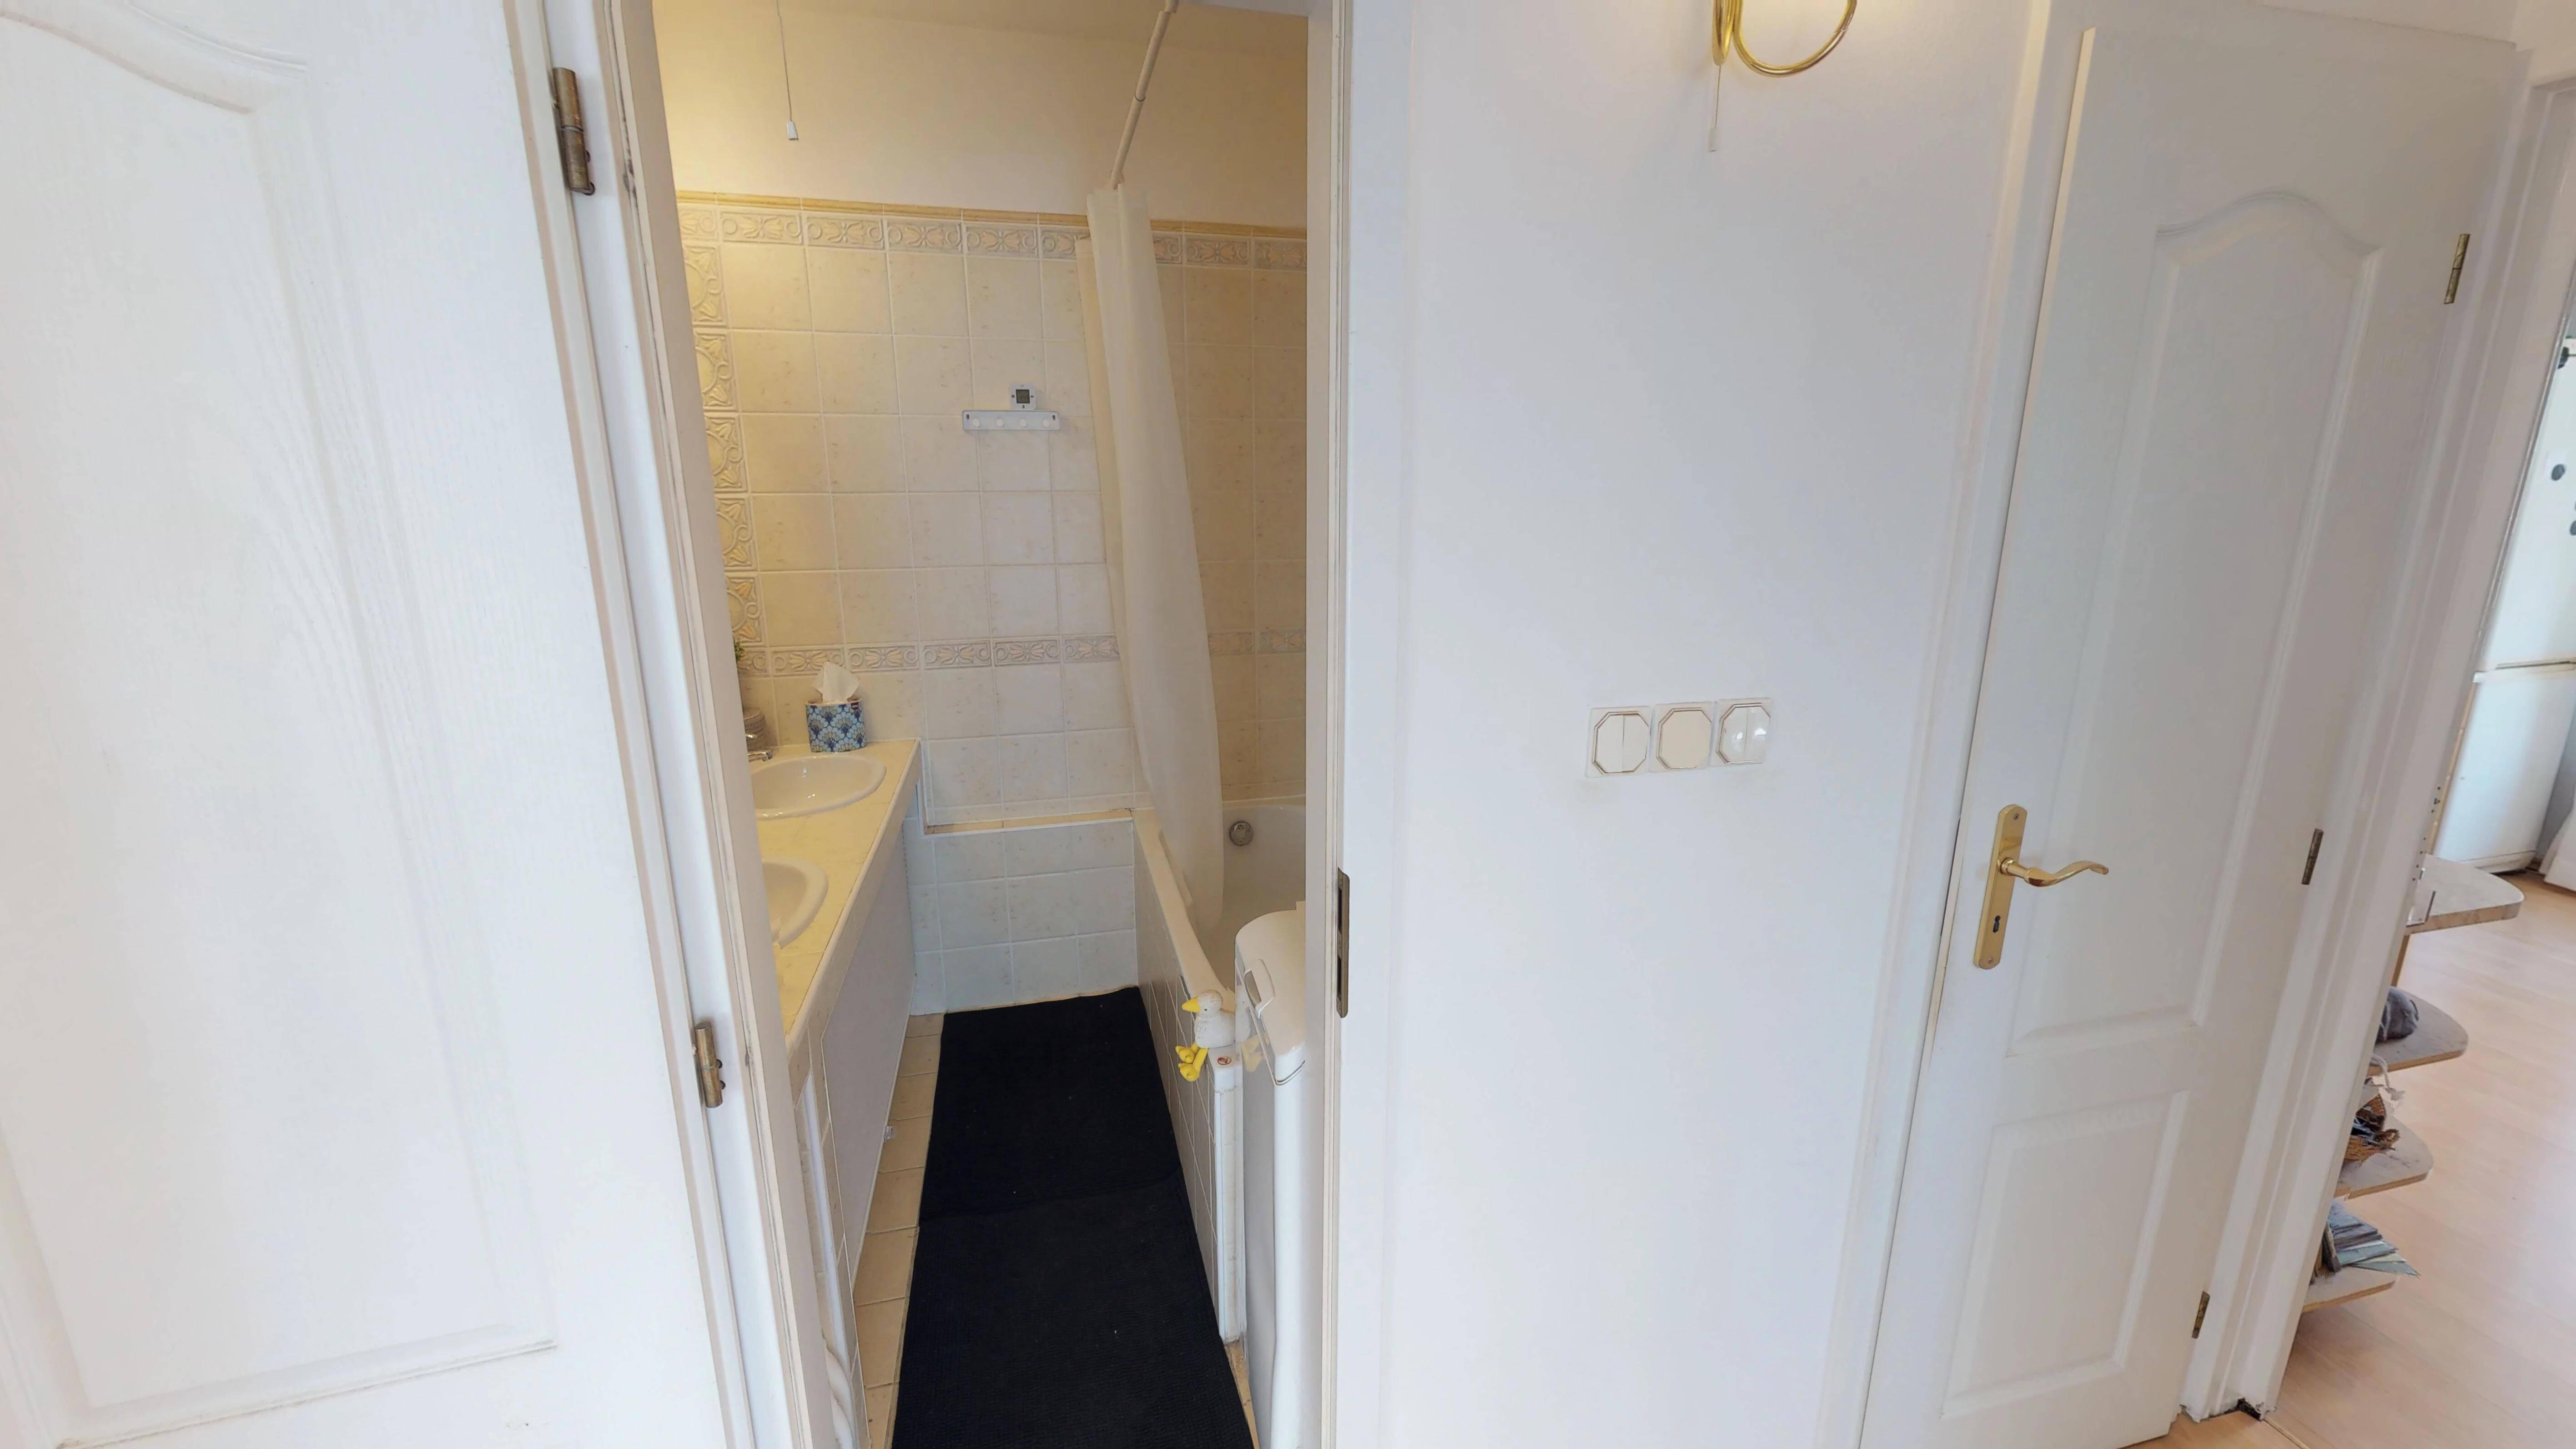 Predané Predaj exkluzívneho 3 izb. bytu,v Ružinove, ulica Palkovičová, blízko Trhoviska Miletičky v Bratislave, 68m2, kompletne zariadený-34